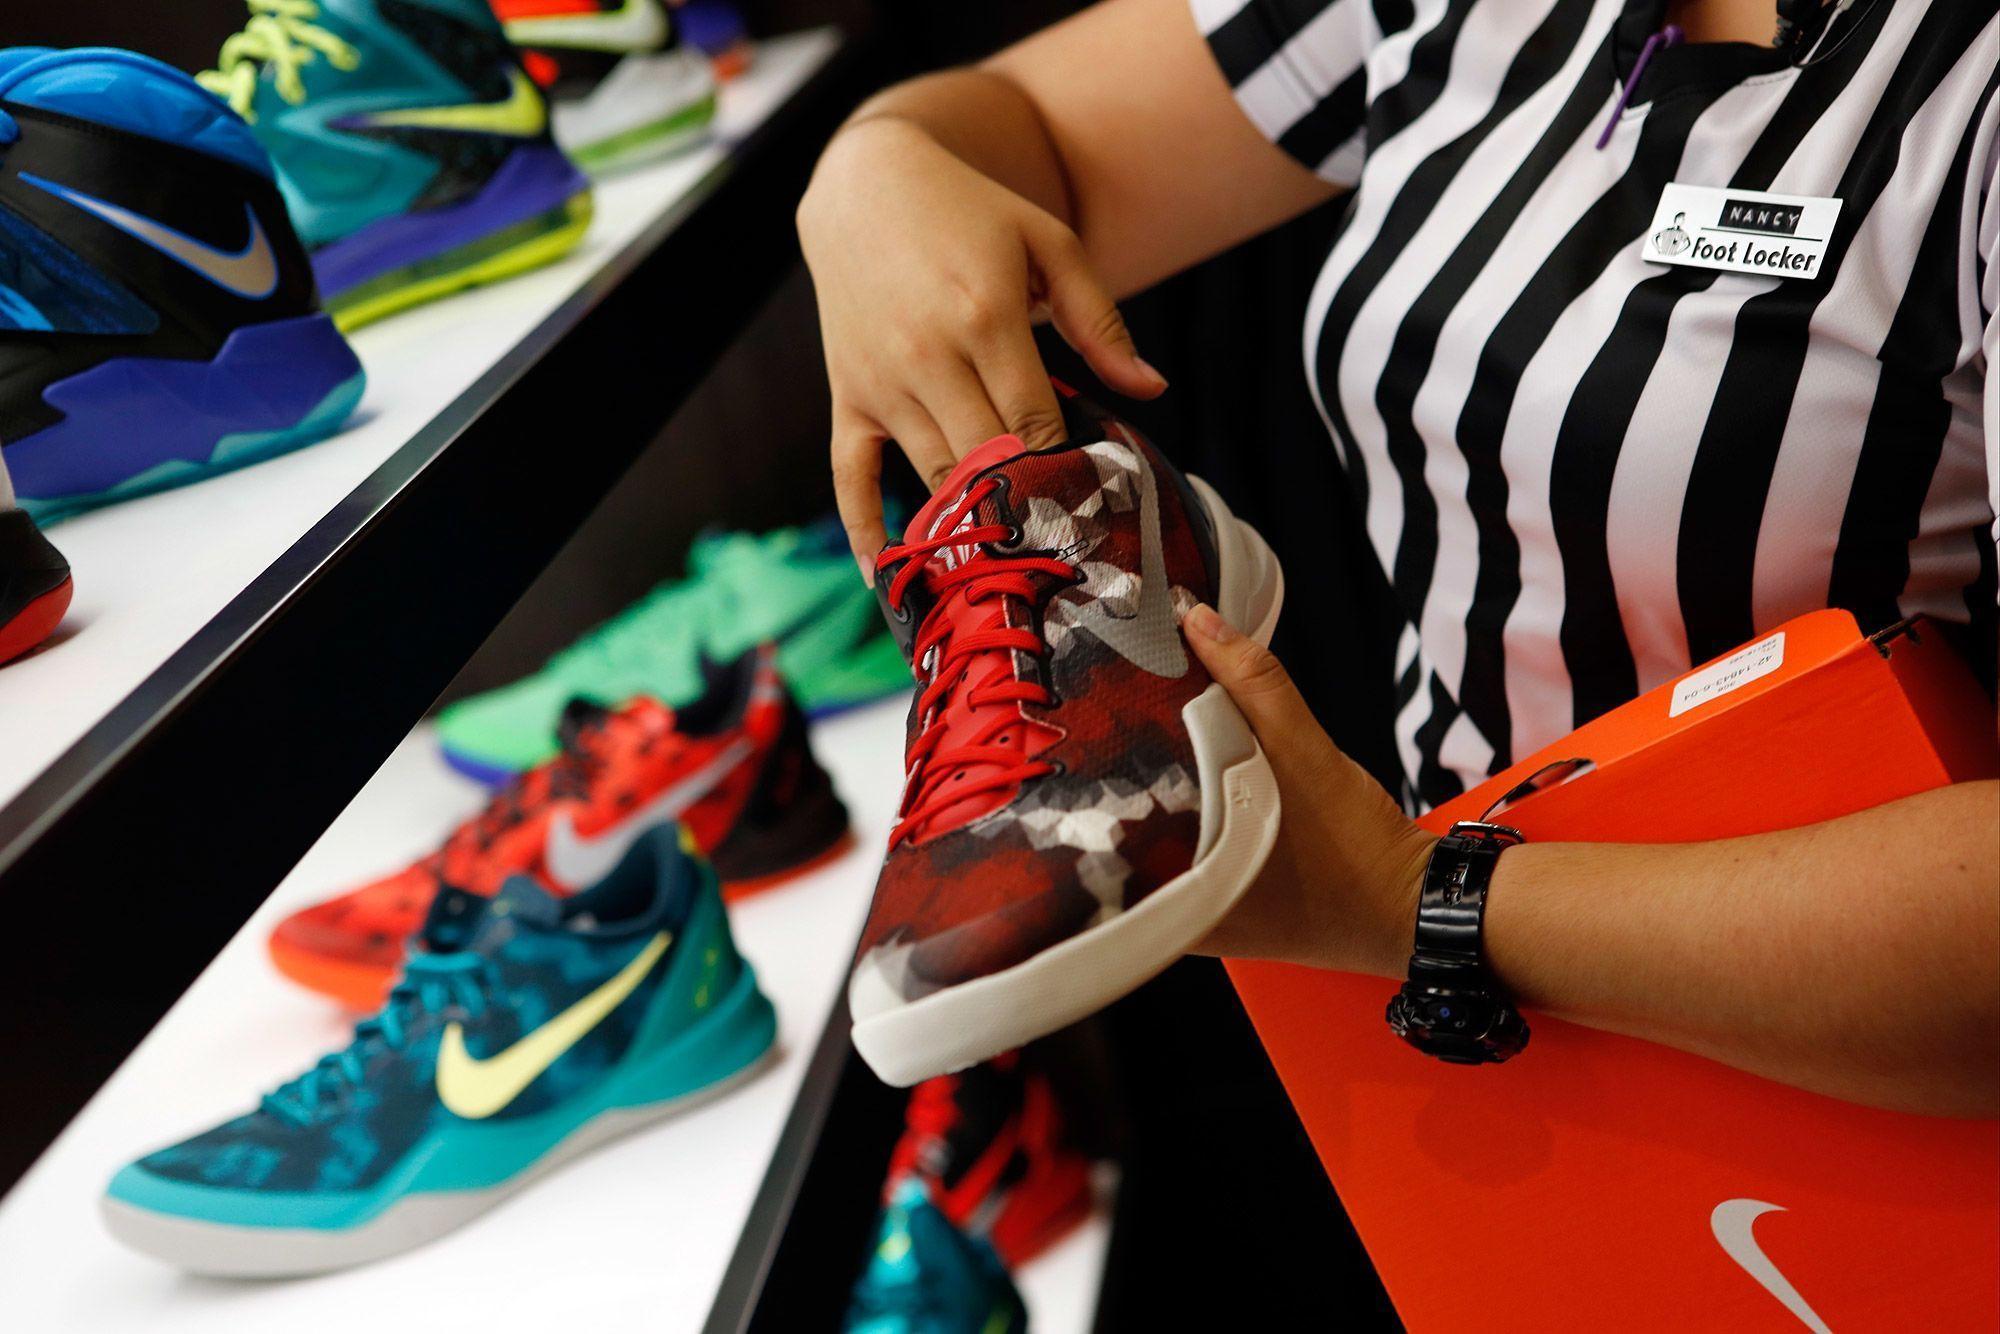 Các nhà bán lẻ giày có thể kinh doanh khó khăn hơn vì cuộc chiến thương mại Mỹ - Trung - Ảnh 1.